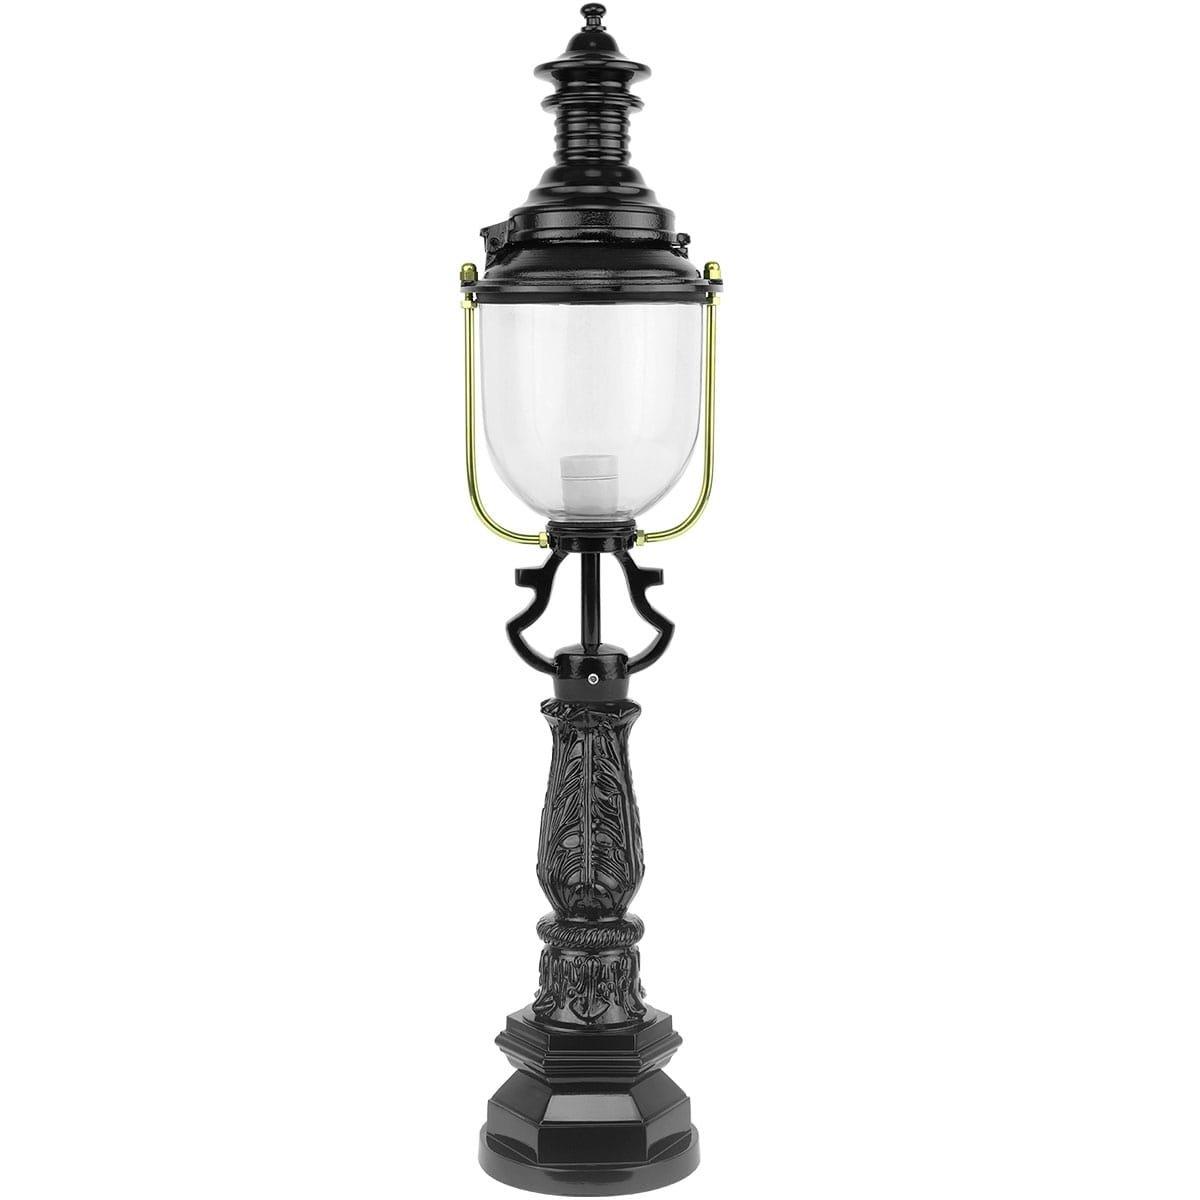 Außenbeleuchtung Klassisch Ländlich Außenlaterne stehend Lucaswolde - 129 cm